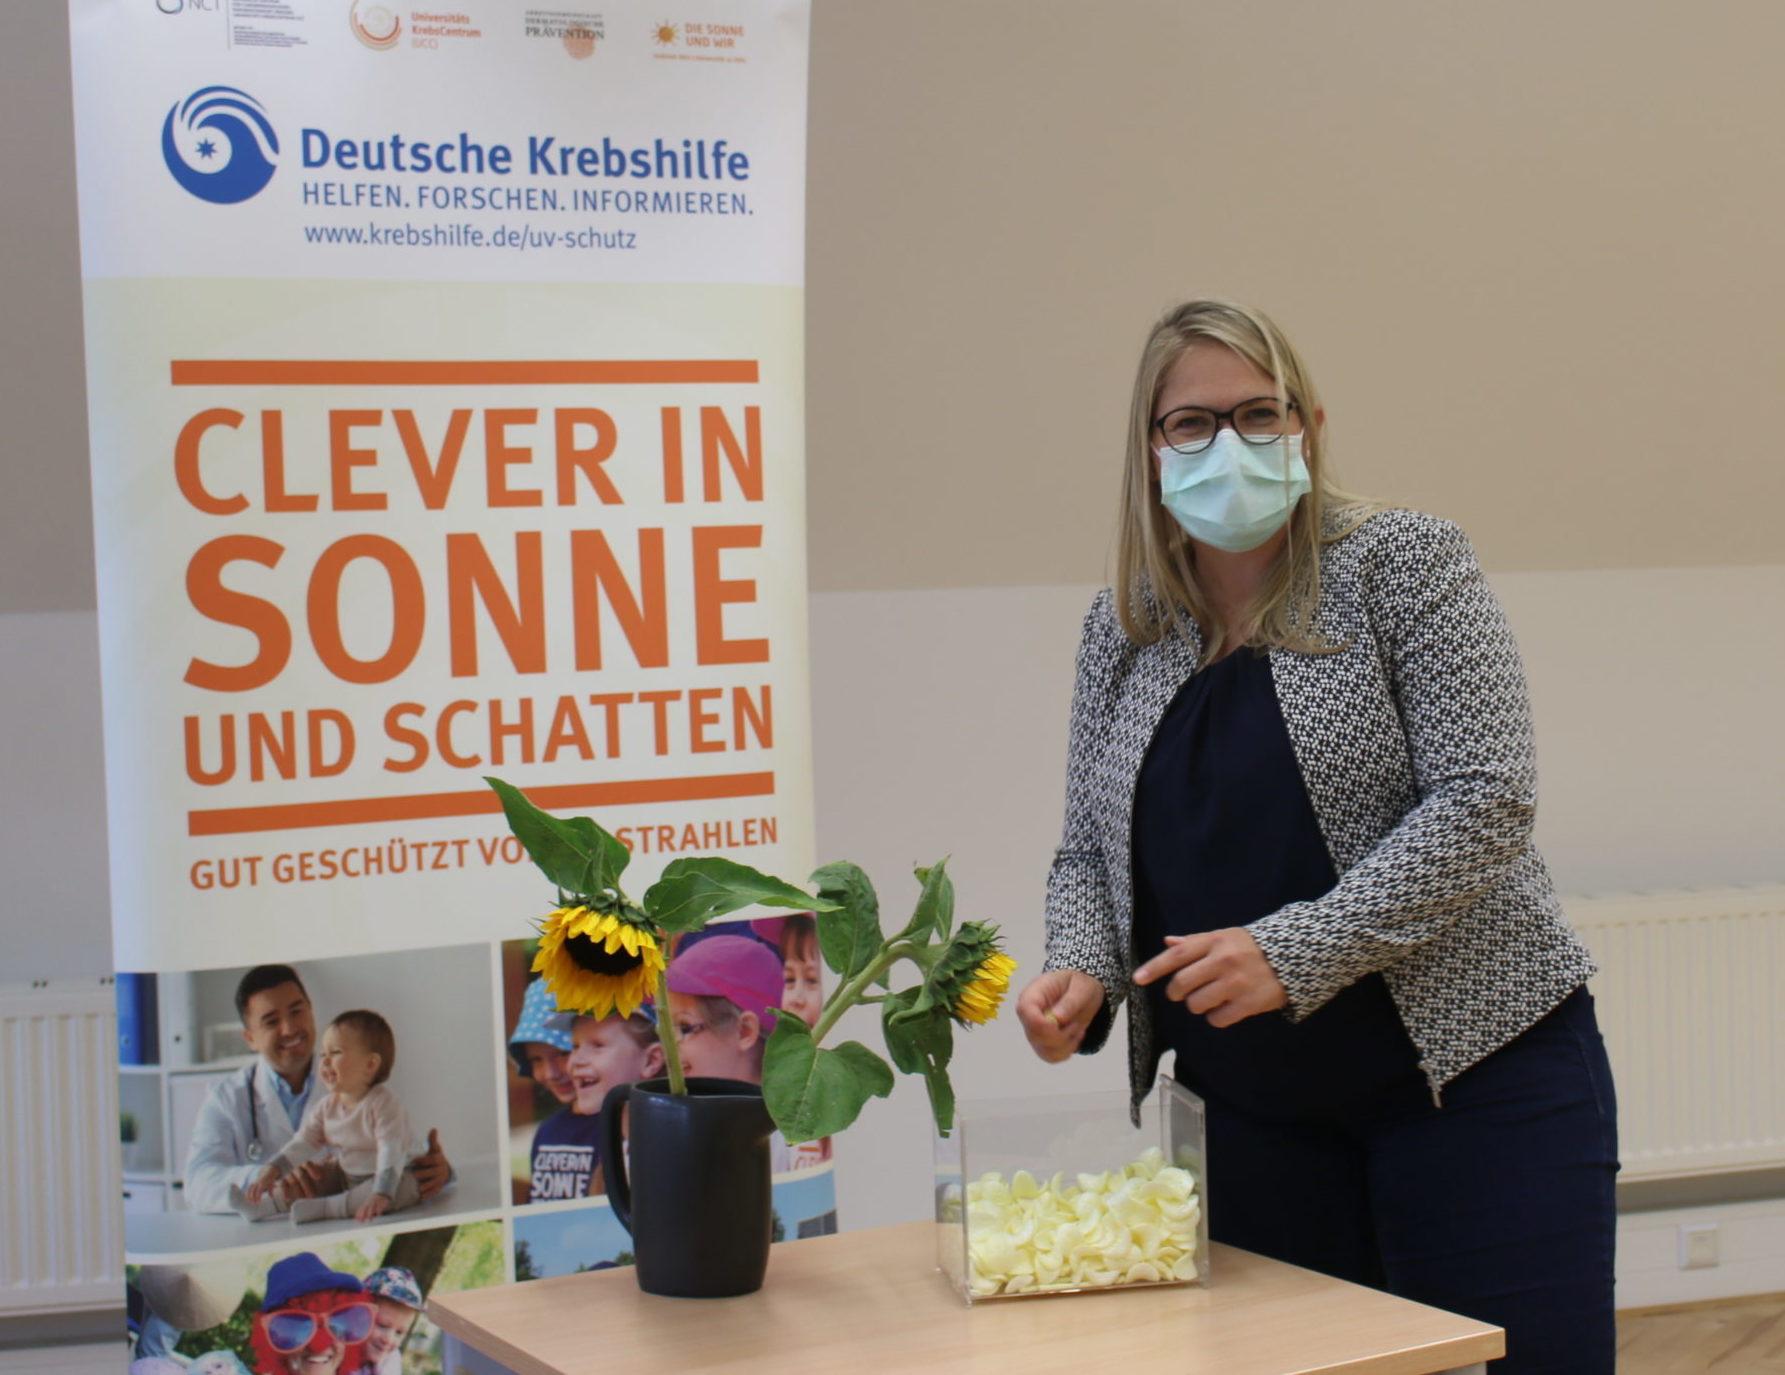 Bild Verlosung Schattenbäume für Sachsen 2021